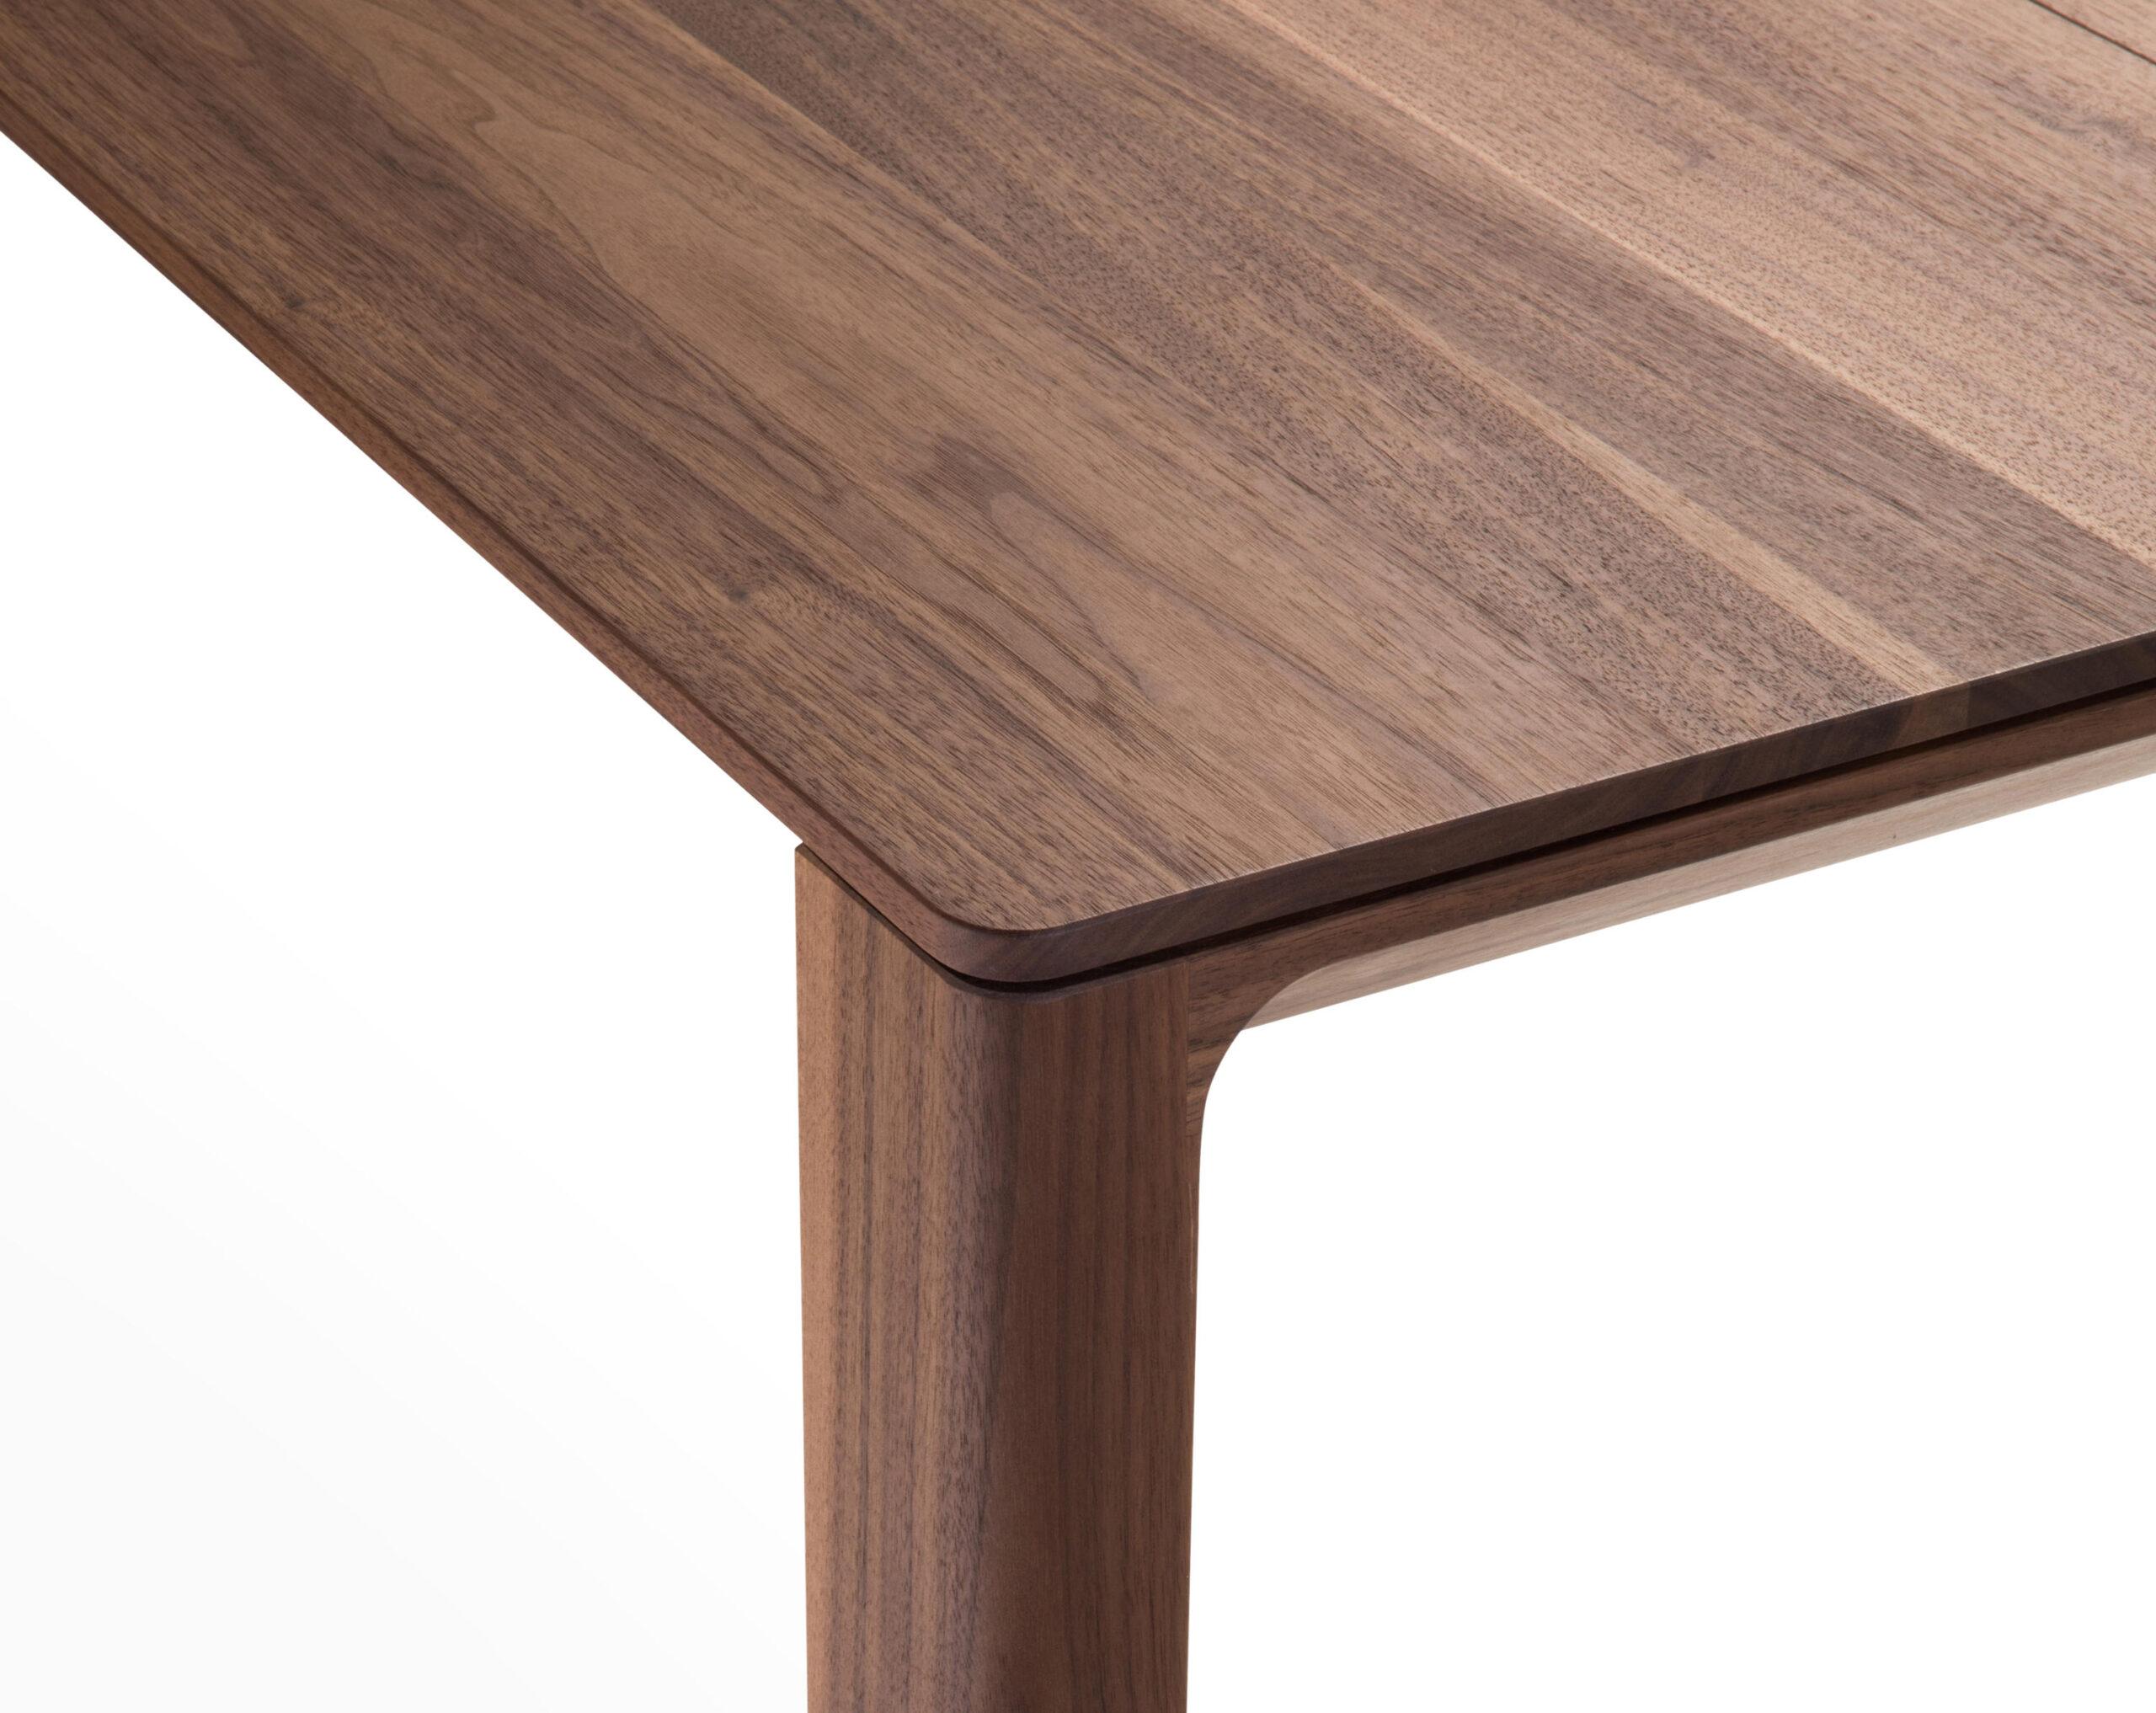 Full Size of Esstische Design Moderne Rund Massiv Massivholz Designer Runde Kleine Holz Ausziehbar Esstische Esstische